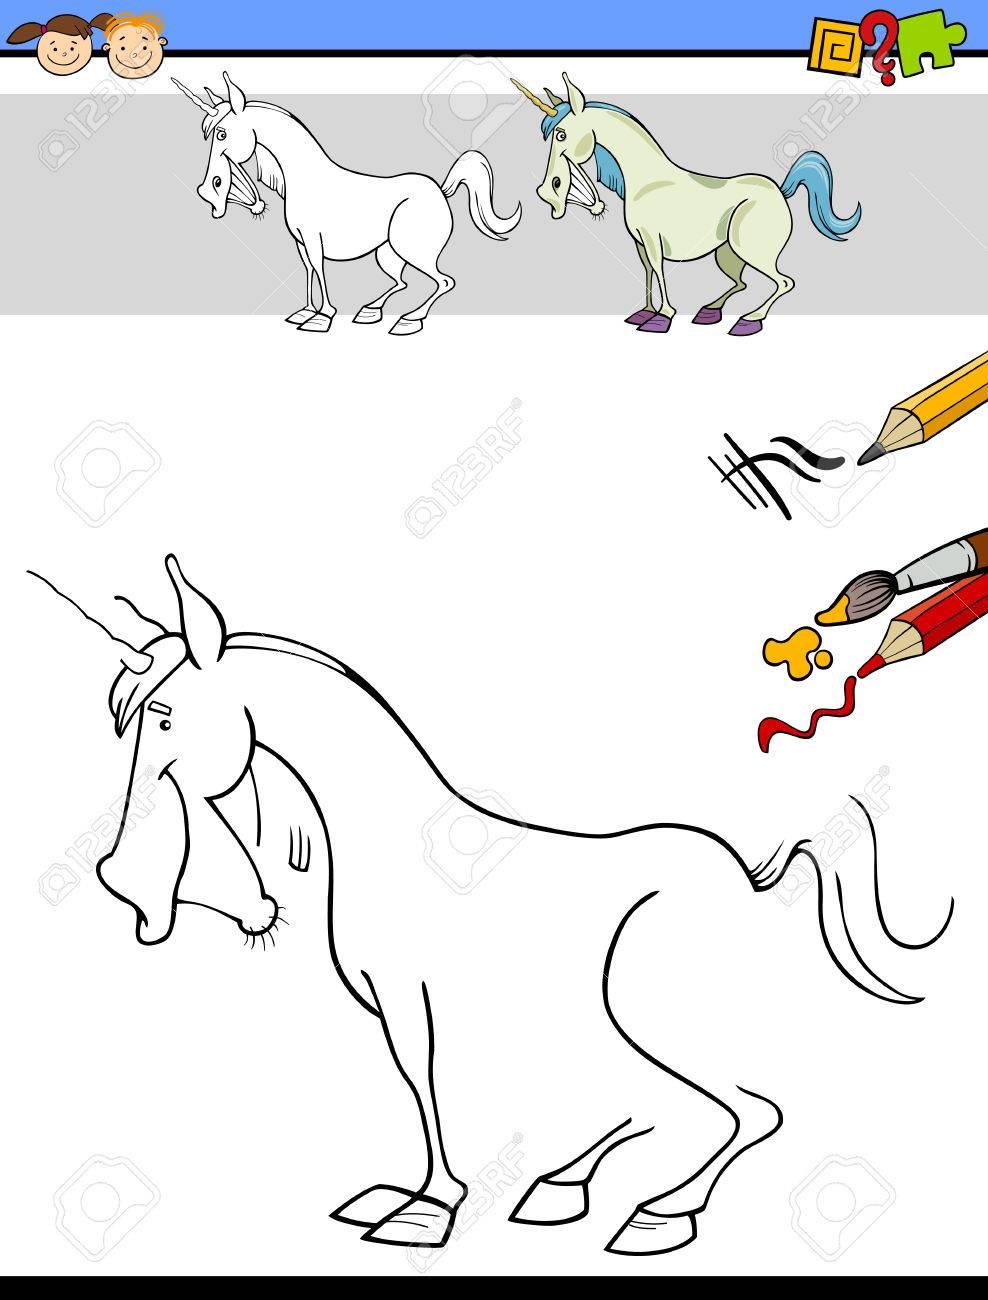 Cartoon Illustration Von Zeichnen Und Malen Erzieherische Aufgabe